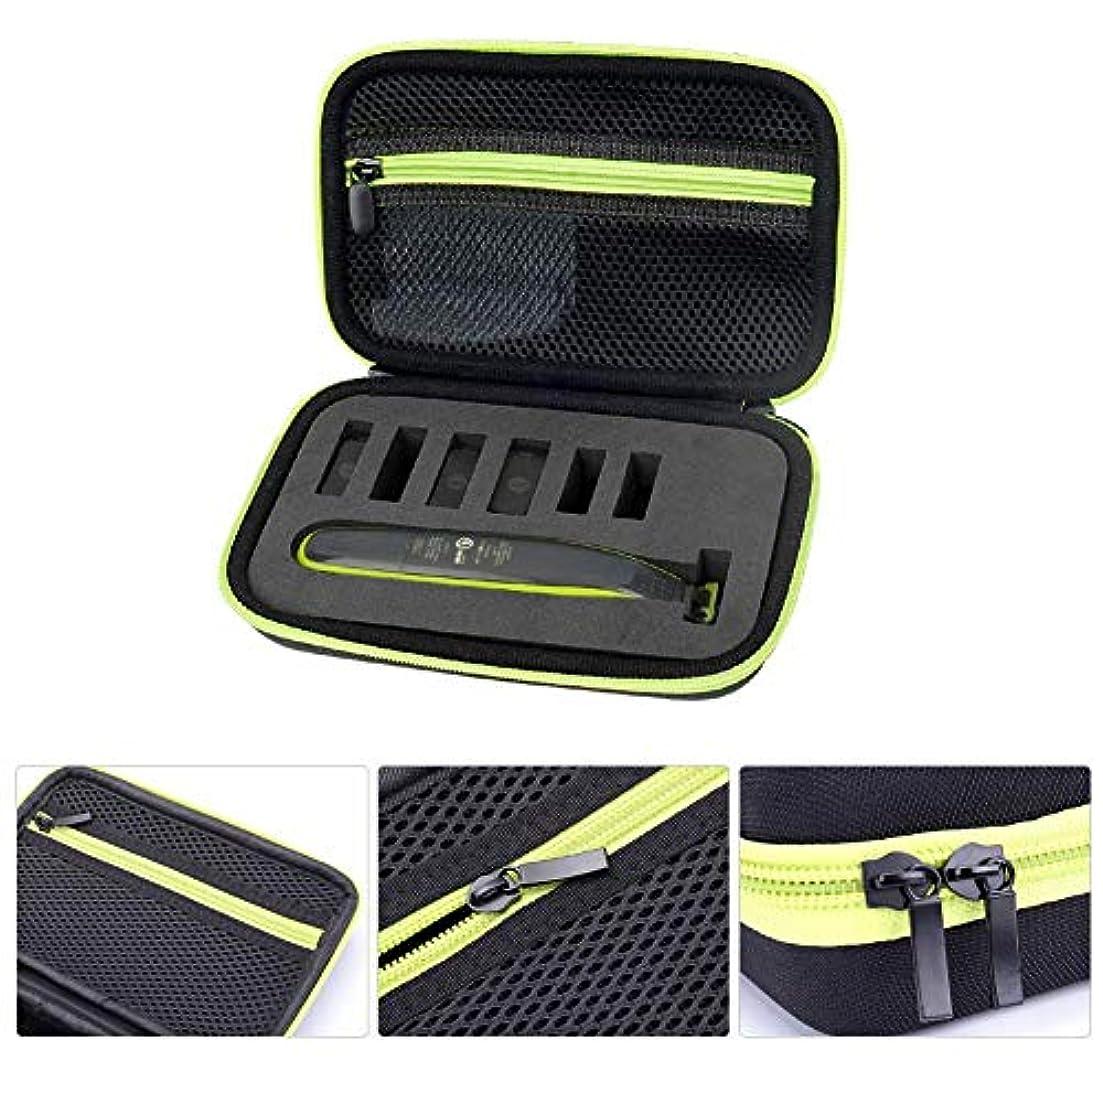 十代正当な星シェーバーキャリングケース、Philips OneBlade用耐衝撃性EVAシェーバートラベル収納バッグ